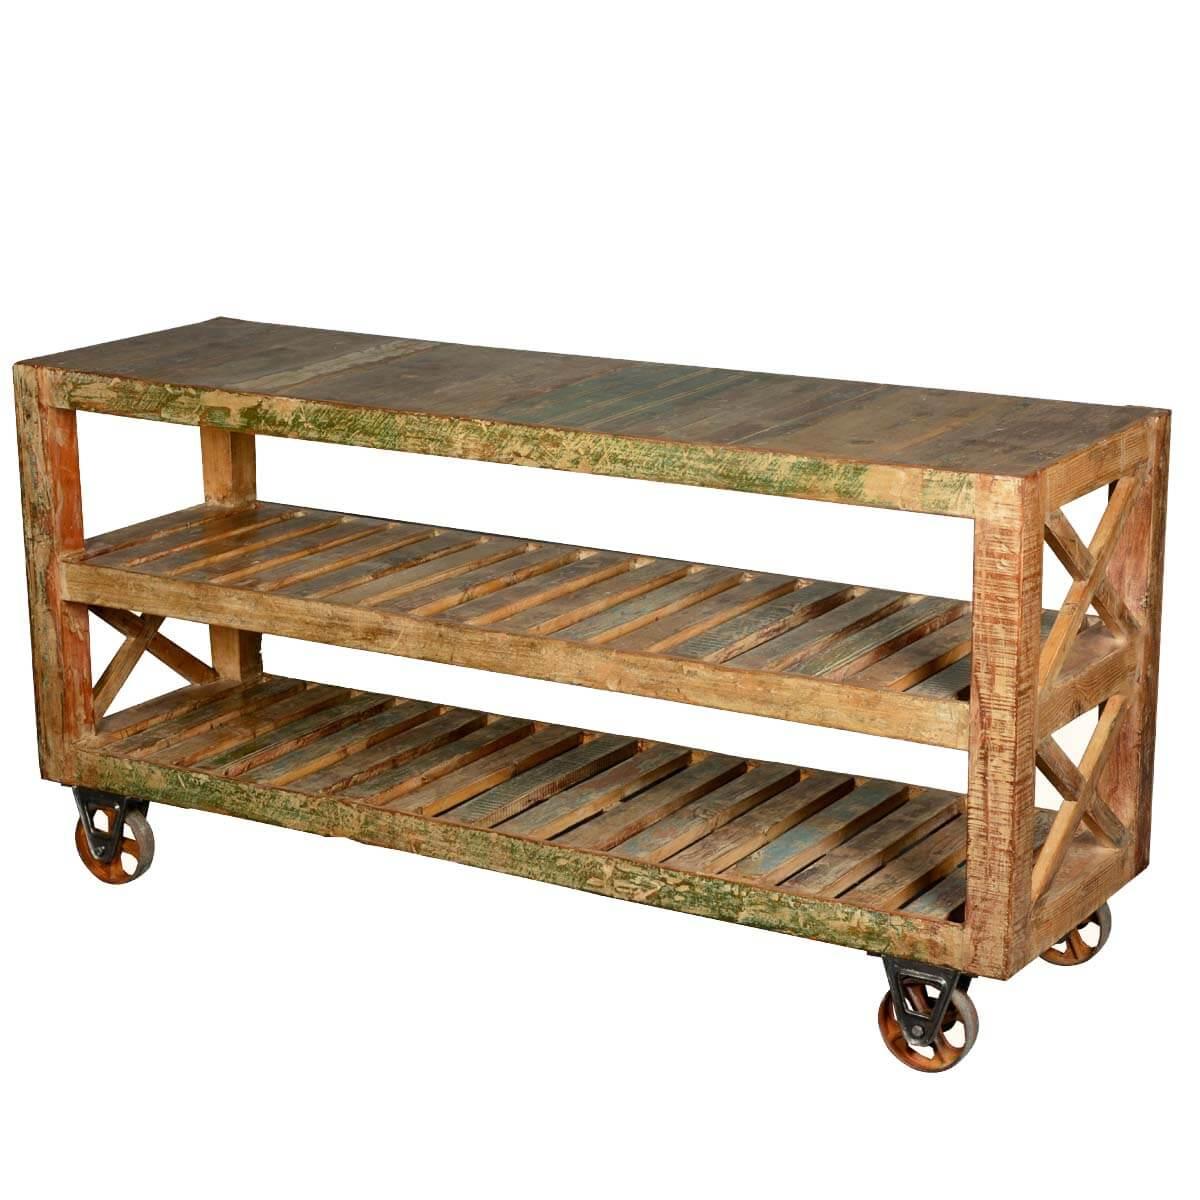 100 4 tier rolling cart industrial vintage industrial metal